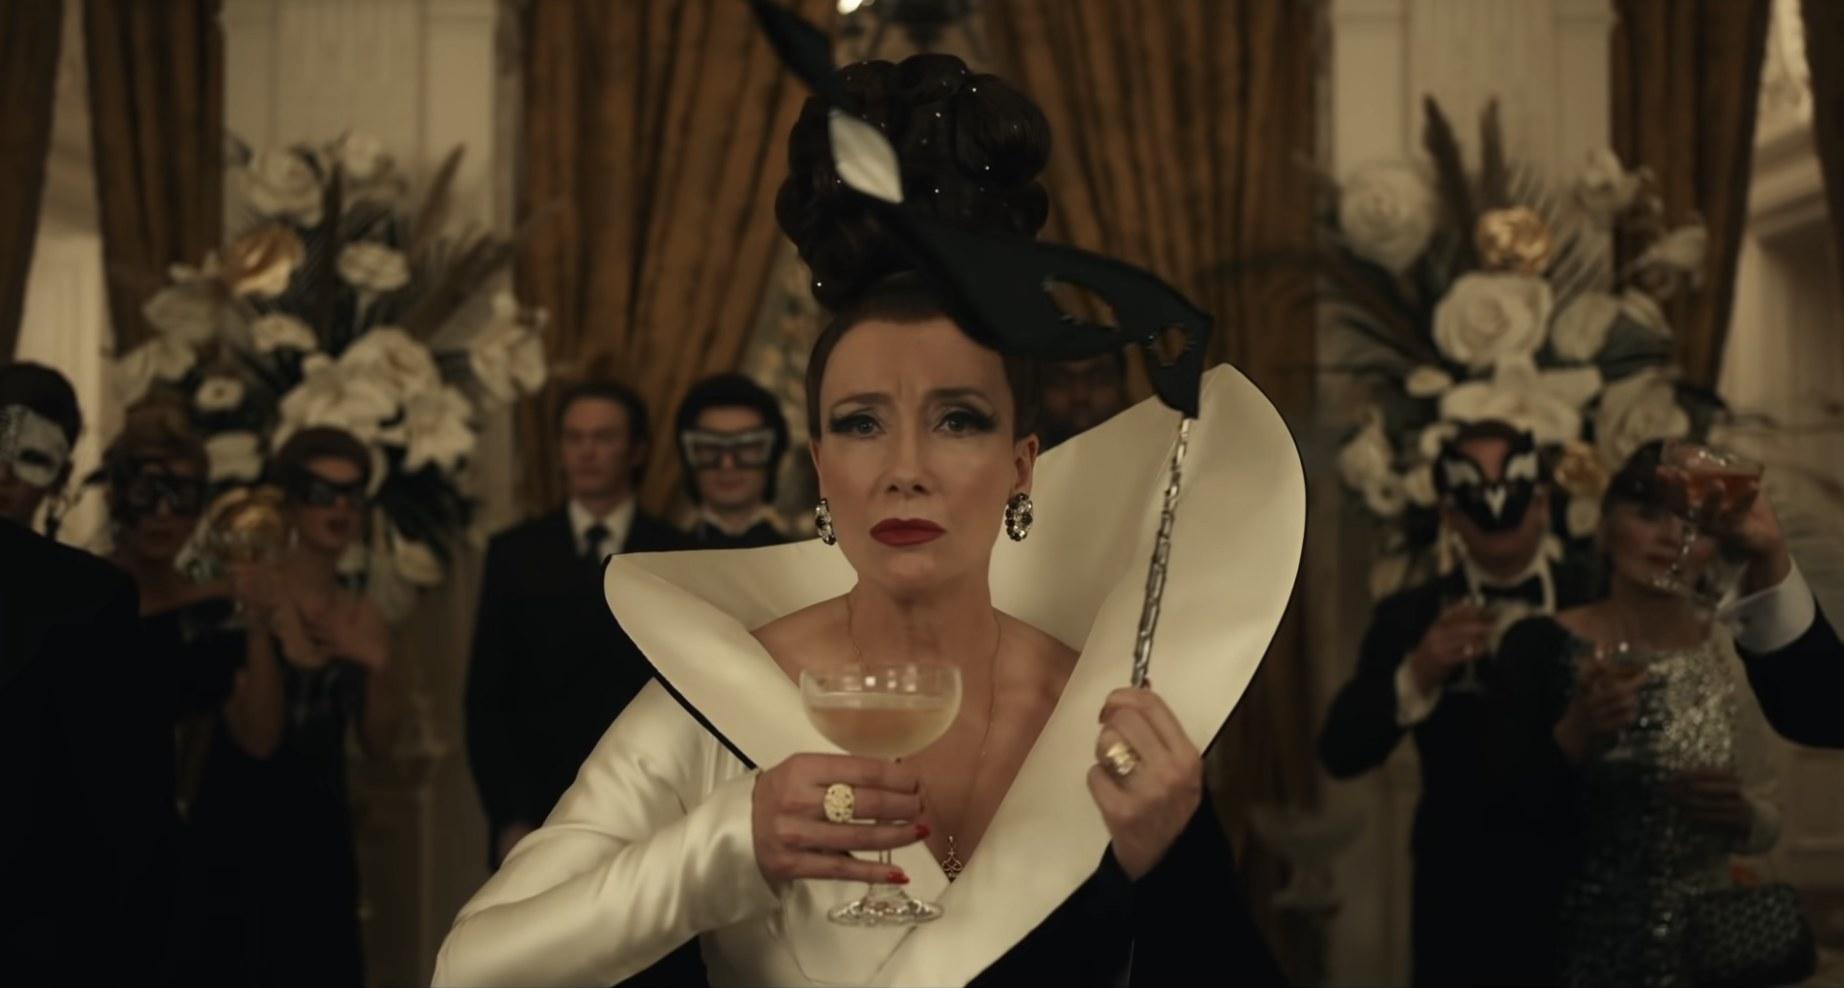 The Baroness in the live-action Cruella